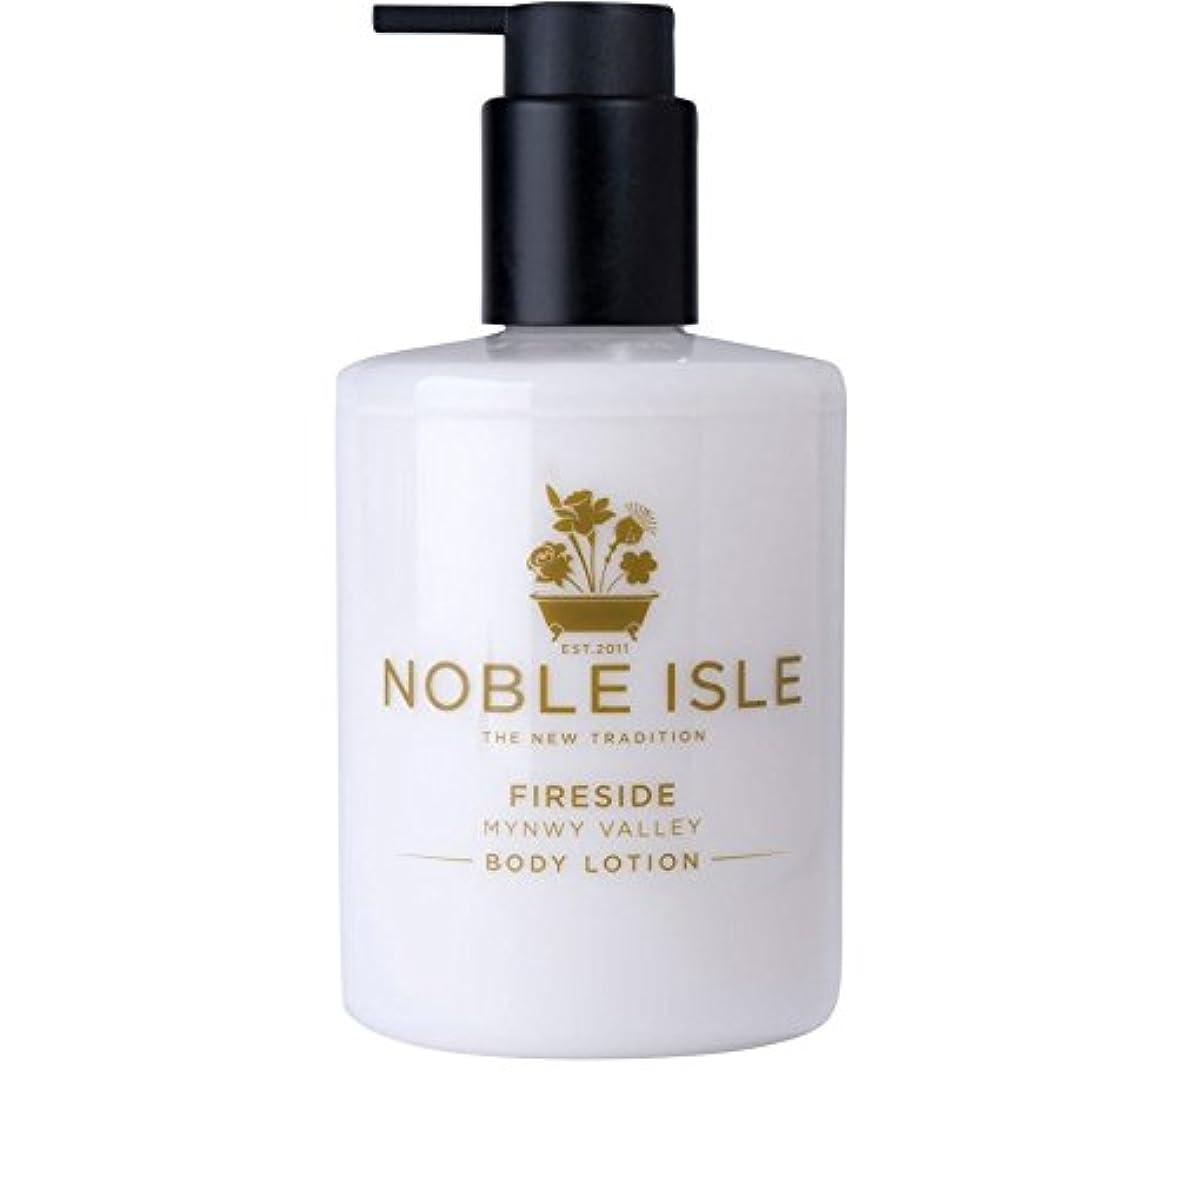 マーティンルーサーキングジュニア文化瞑想Noble Isle Fireside Mynwy Valley Body Lotion 250ml - 高貴な島炉端谷のボディローション250ミリリットル [並行輸入品]